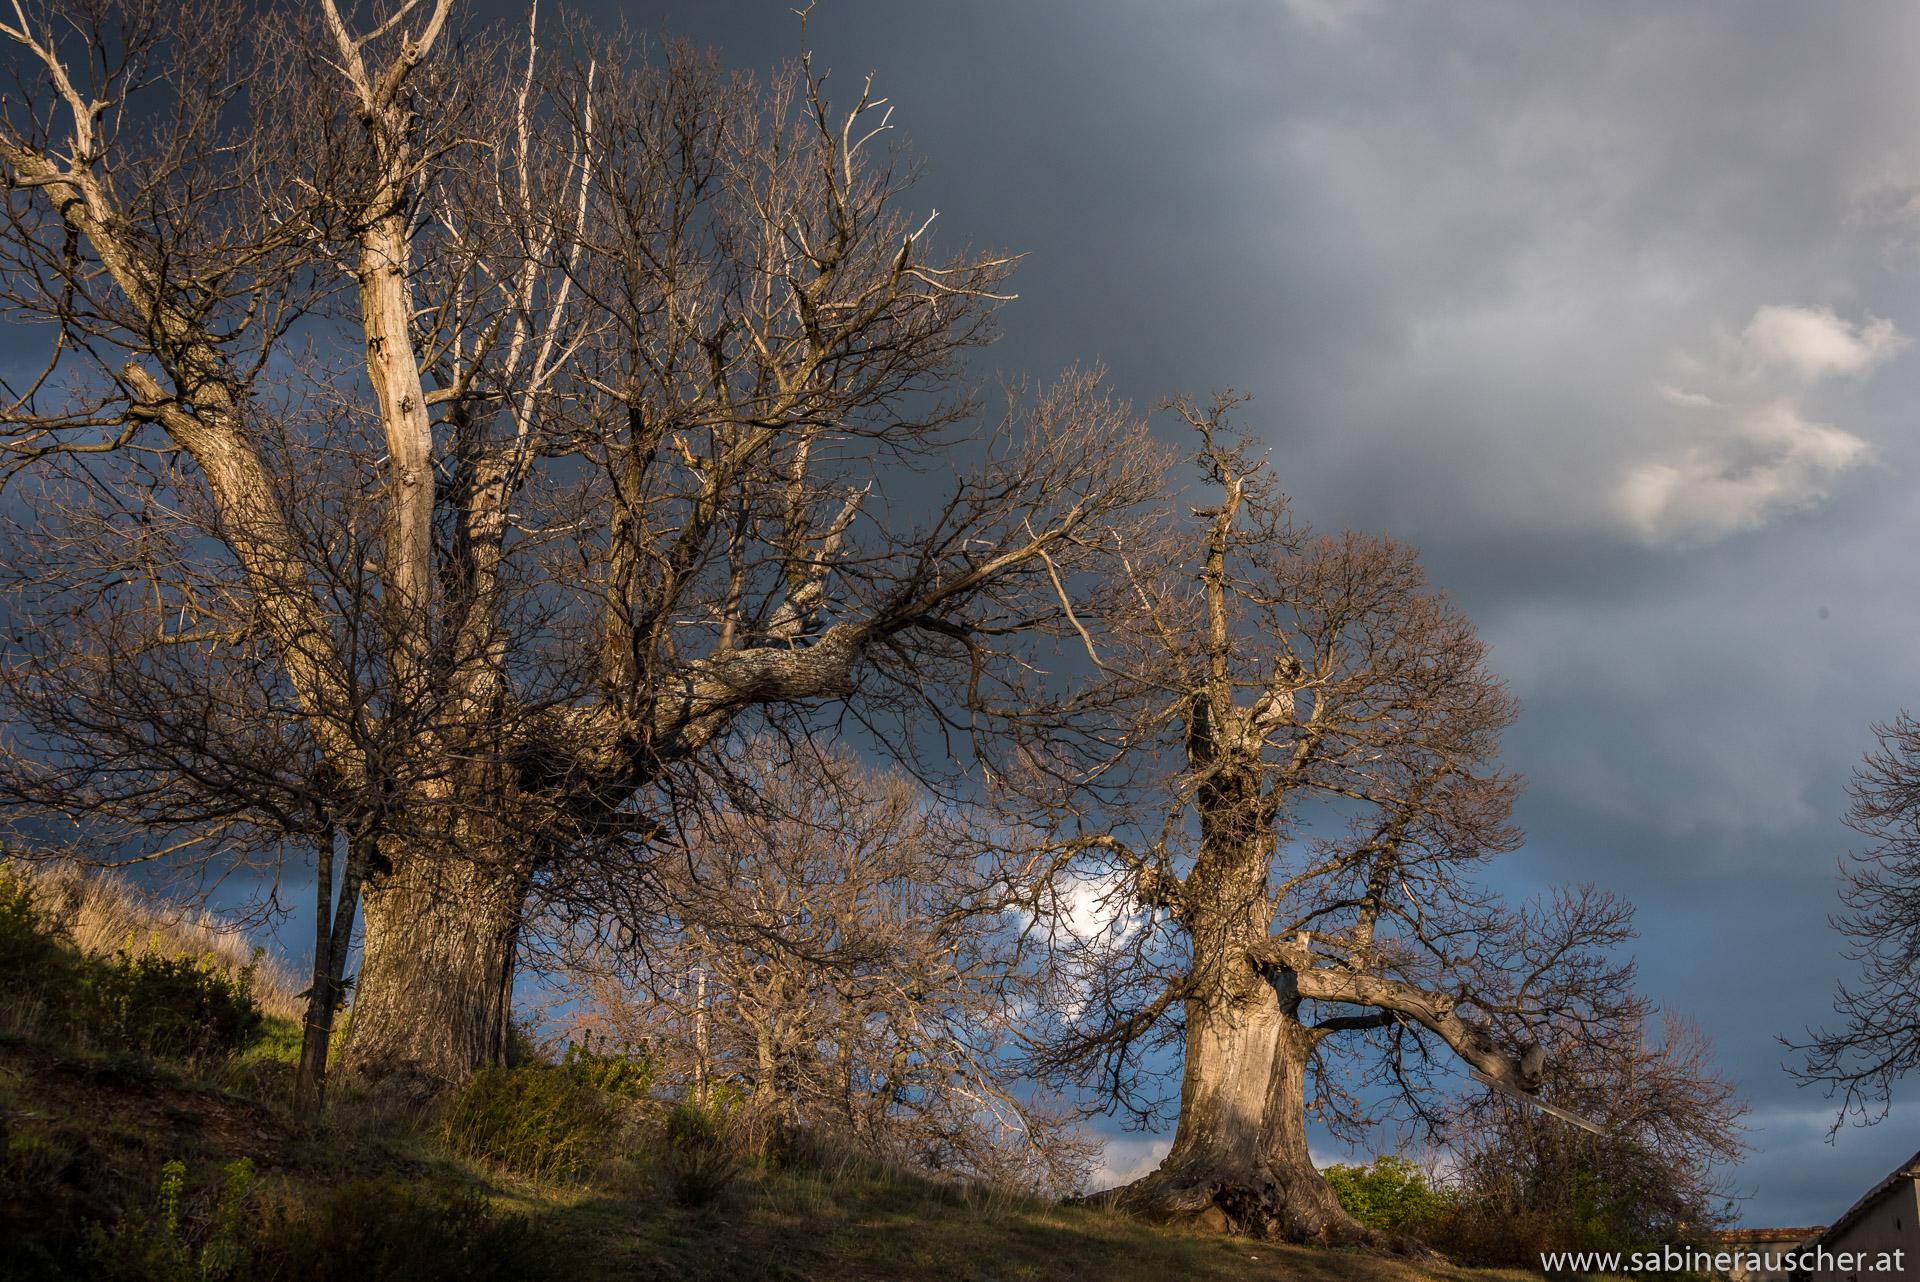 amazing tree giants in the late sunlight   Bäume im späten Sonnenlicht